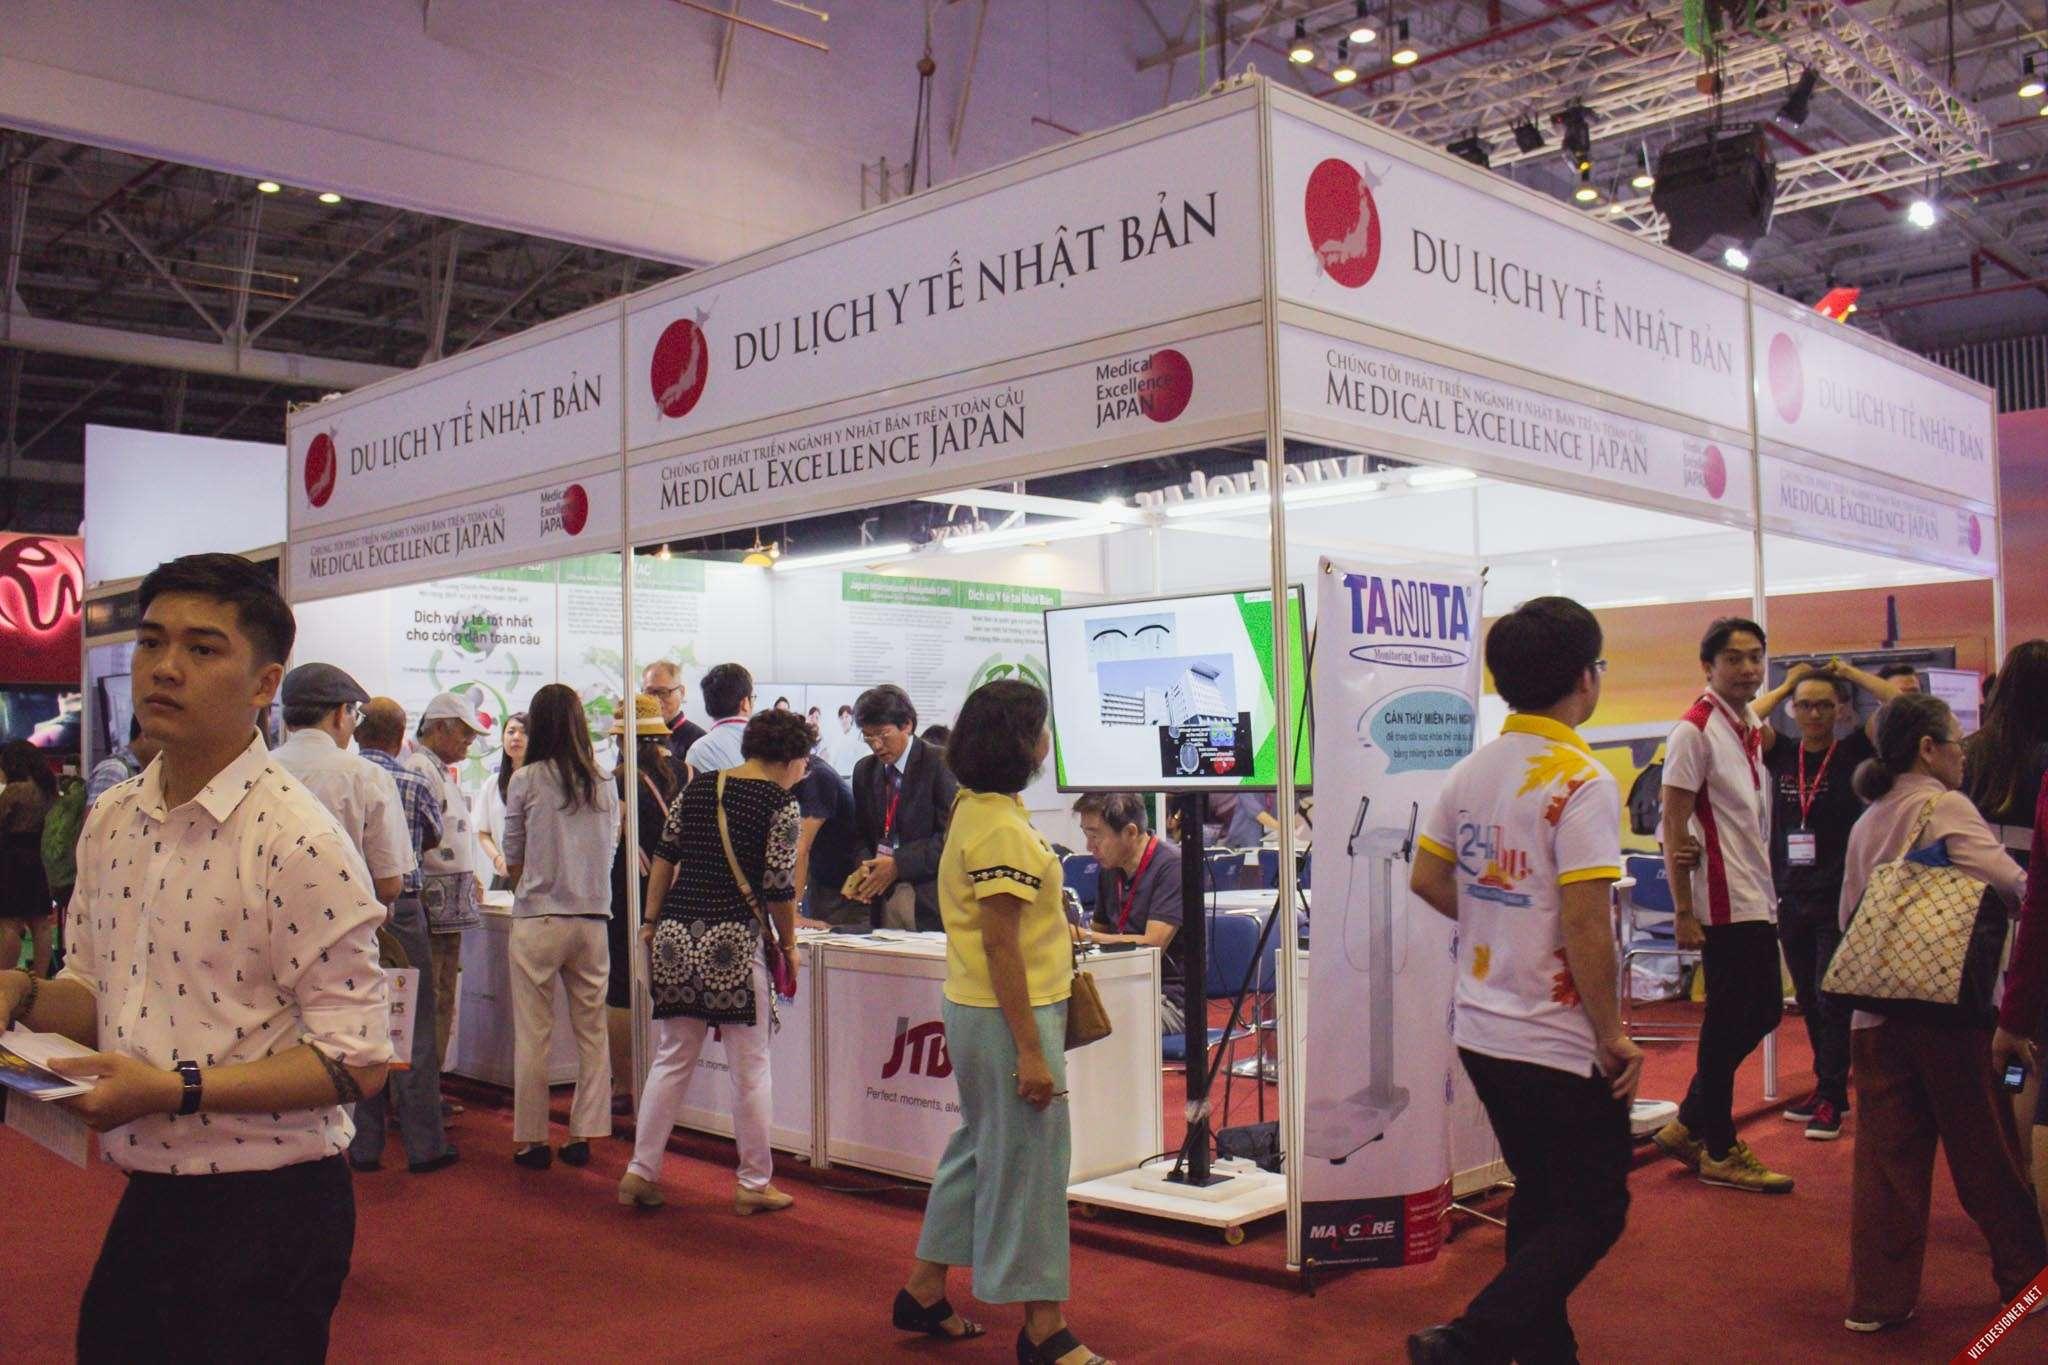 Gian hàng của đối tác Medical Excellence Japan tại Hội chợ